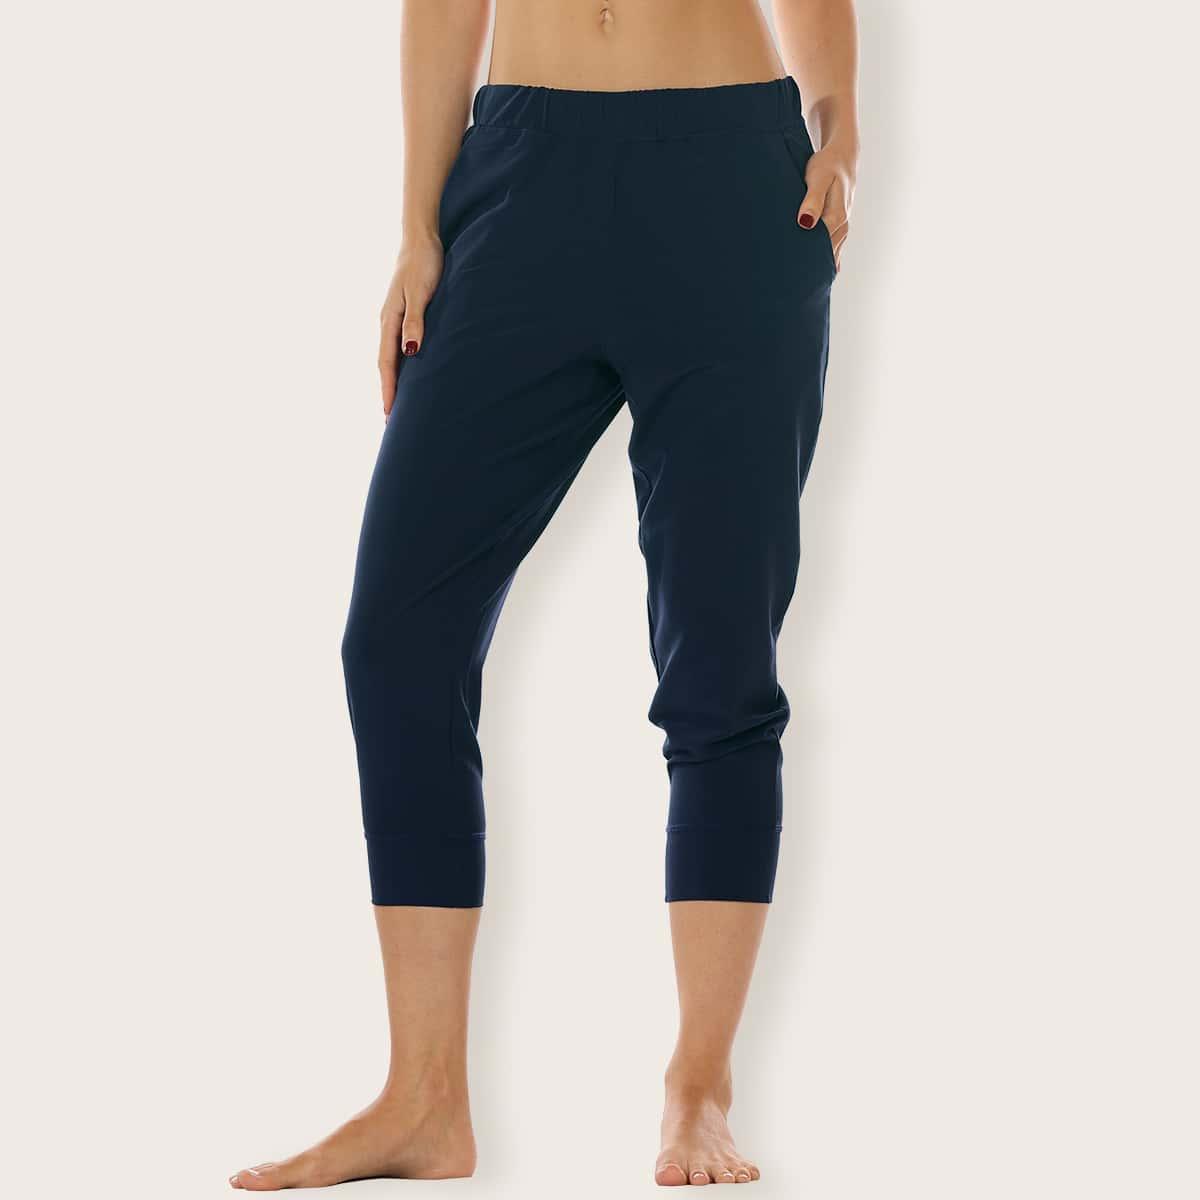 однотонные спортивные брюки капри с эластичной талией